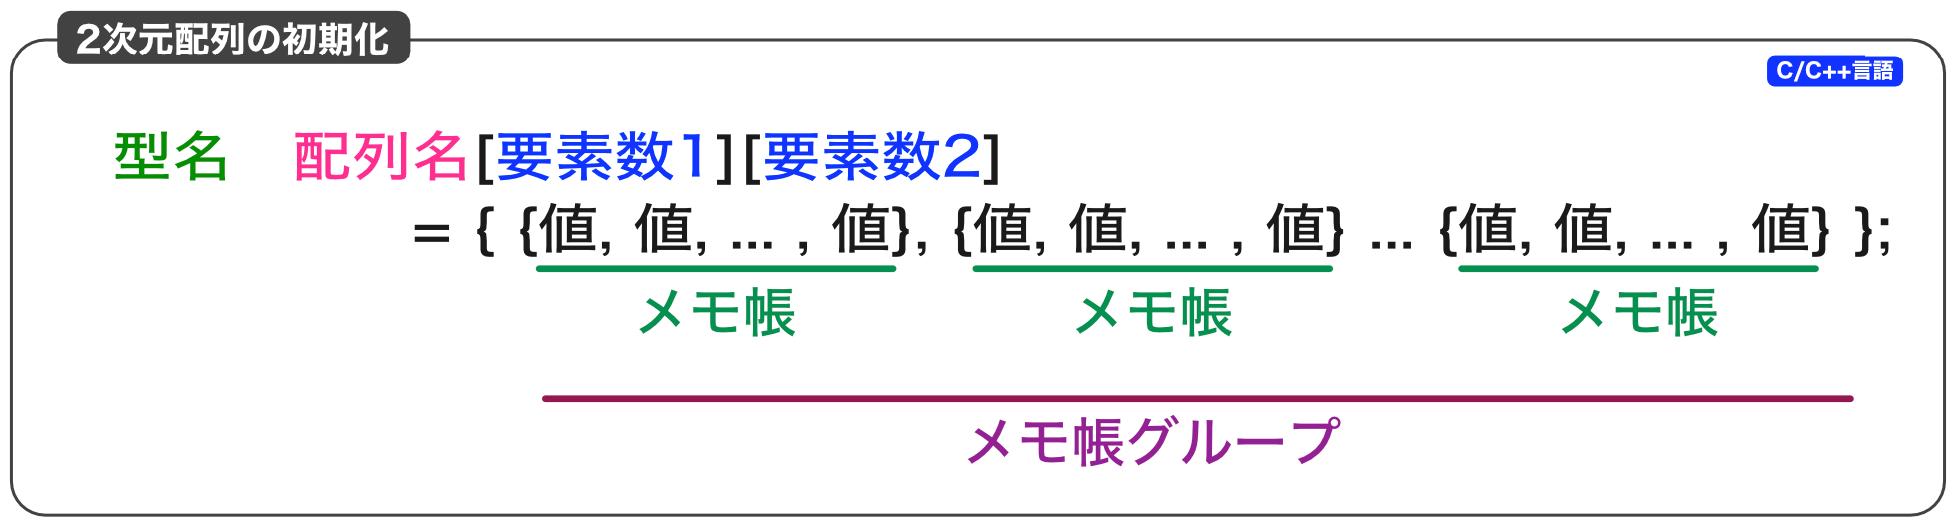 2次元配列の初期化